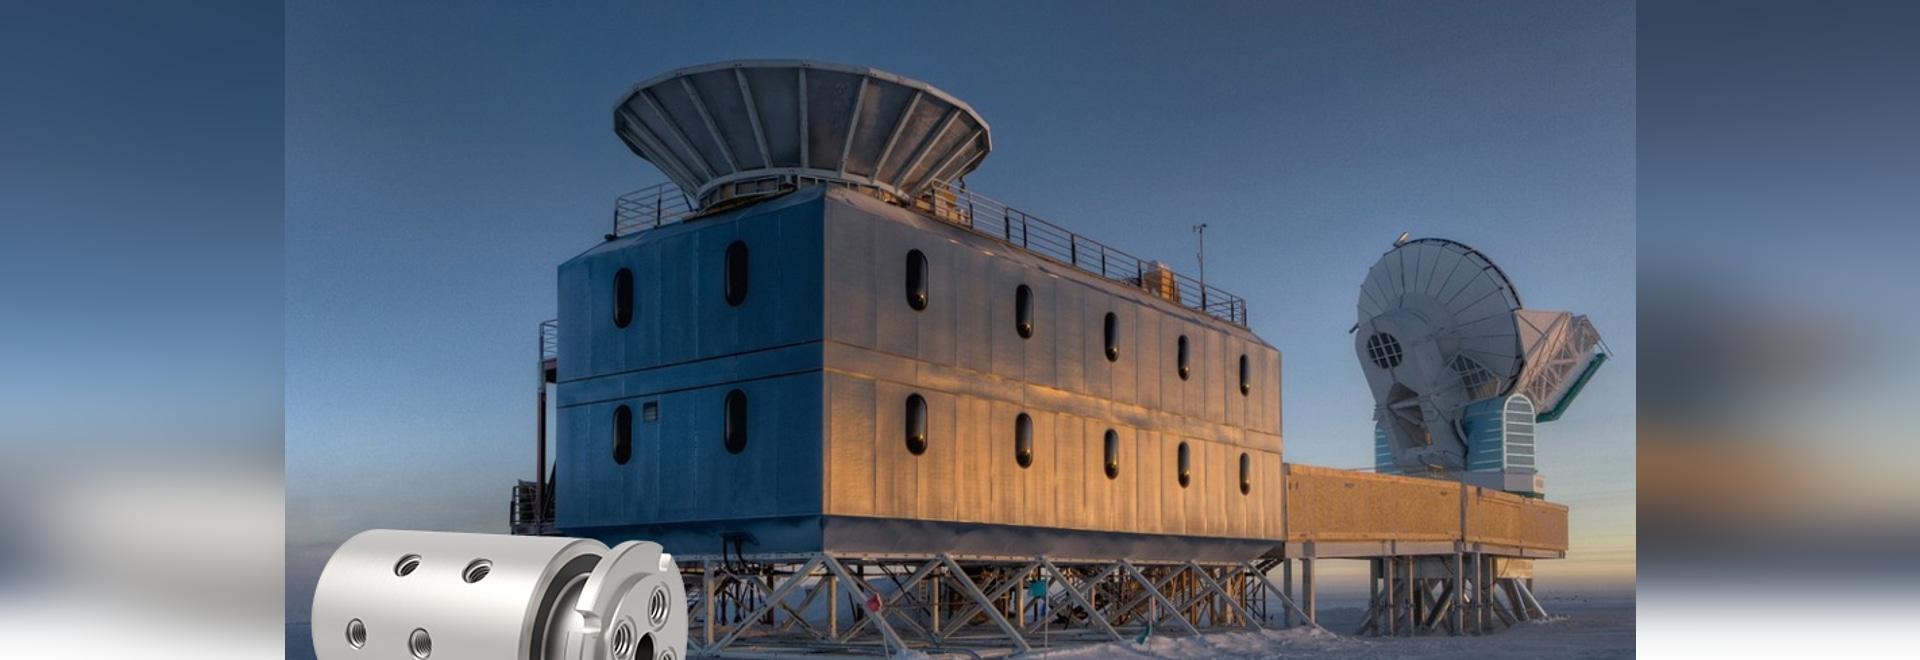 DSTI desempeña papel en la investigación de la astrofísica de South Pole